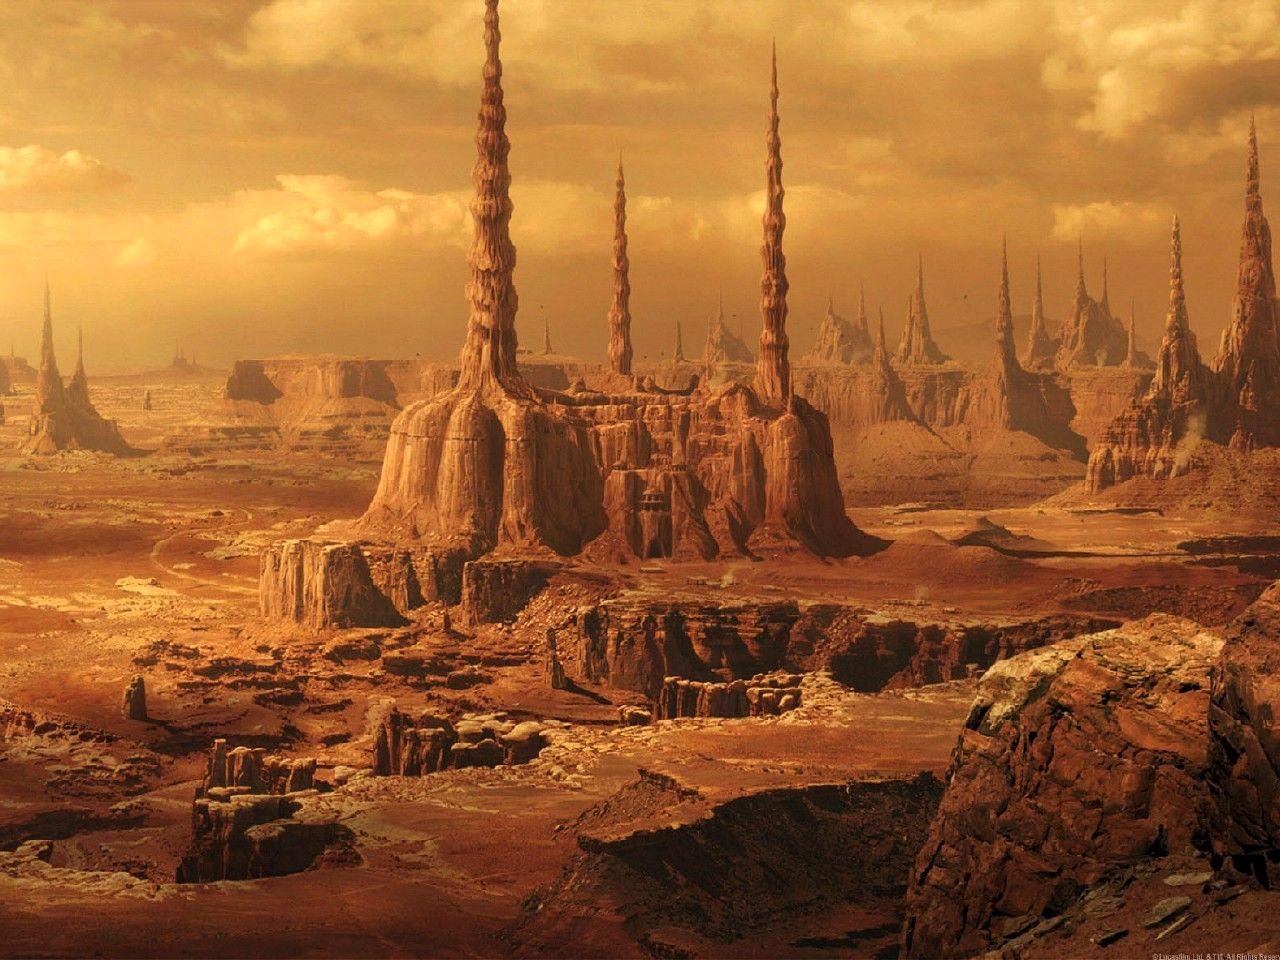 Planet Geonosis landscape